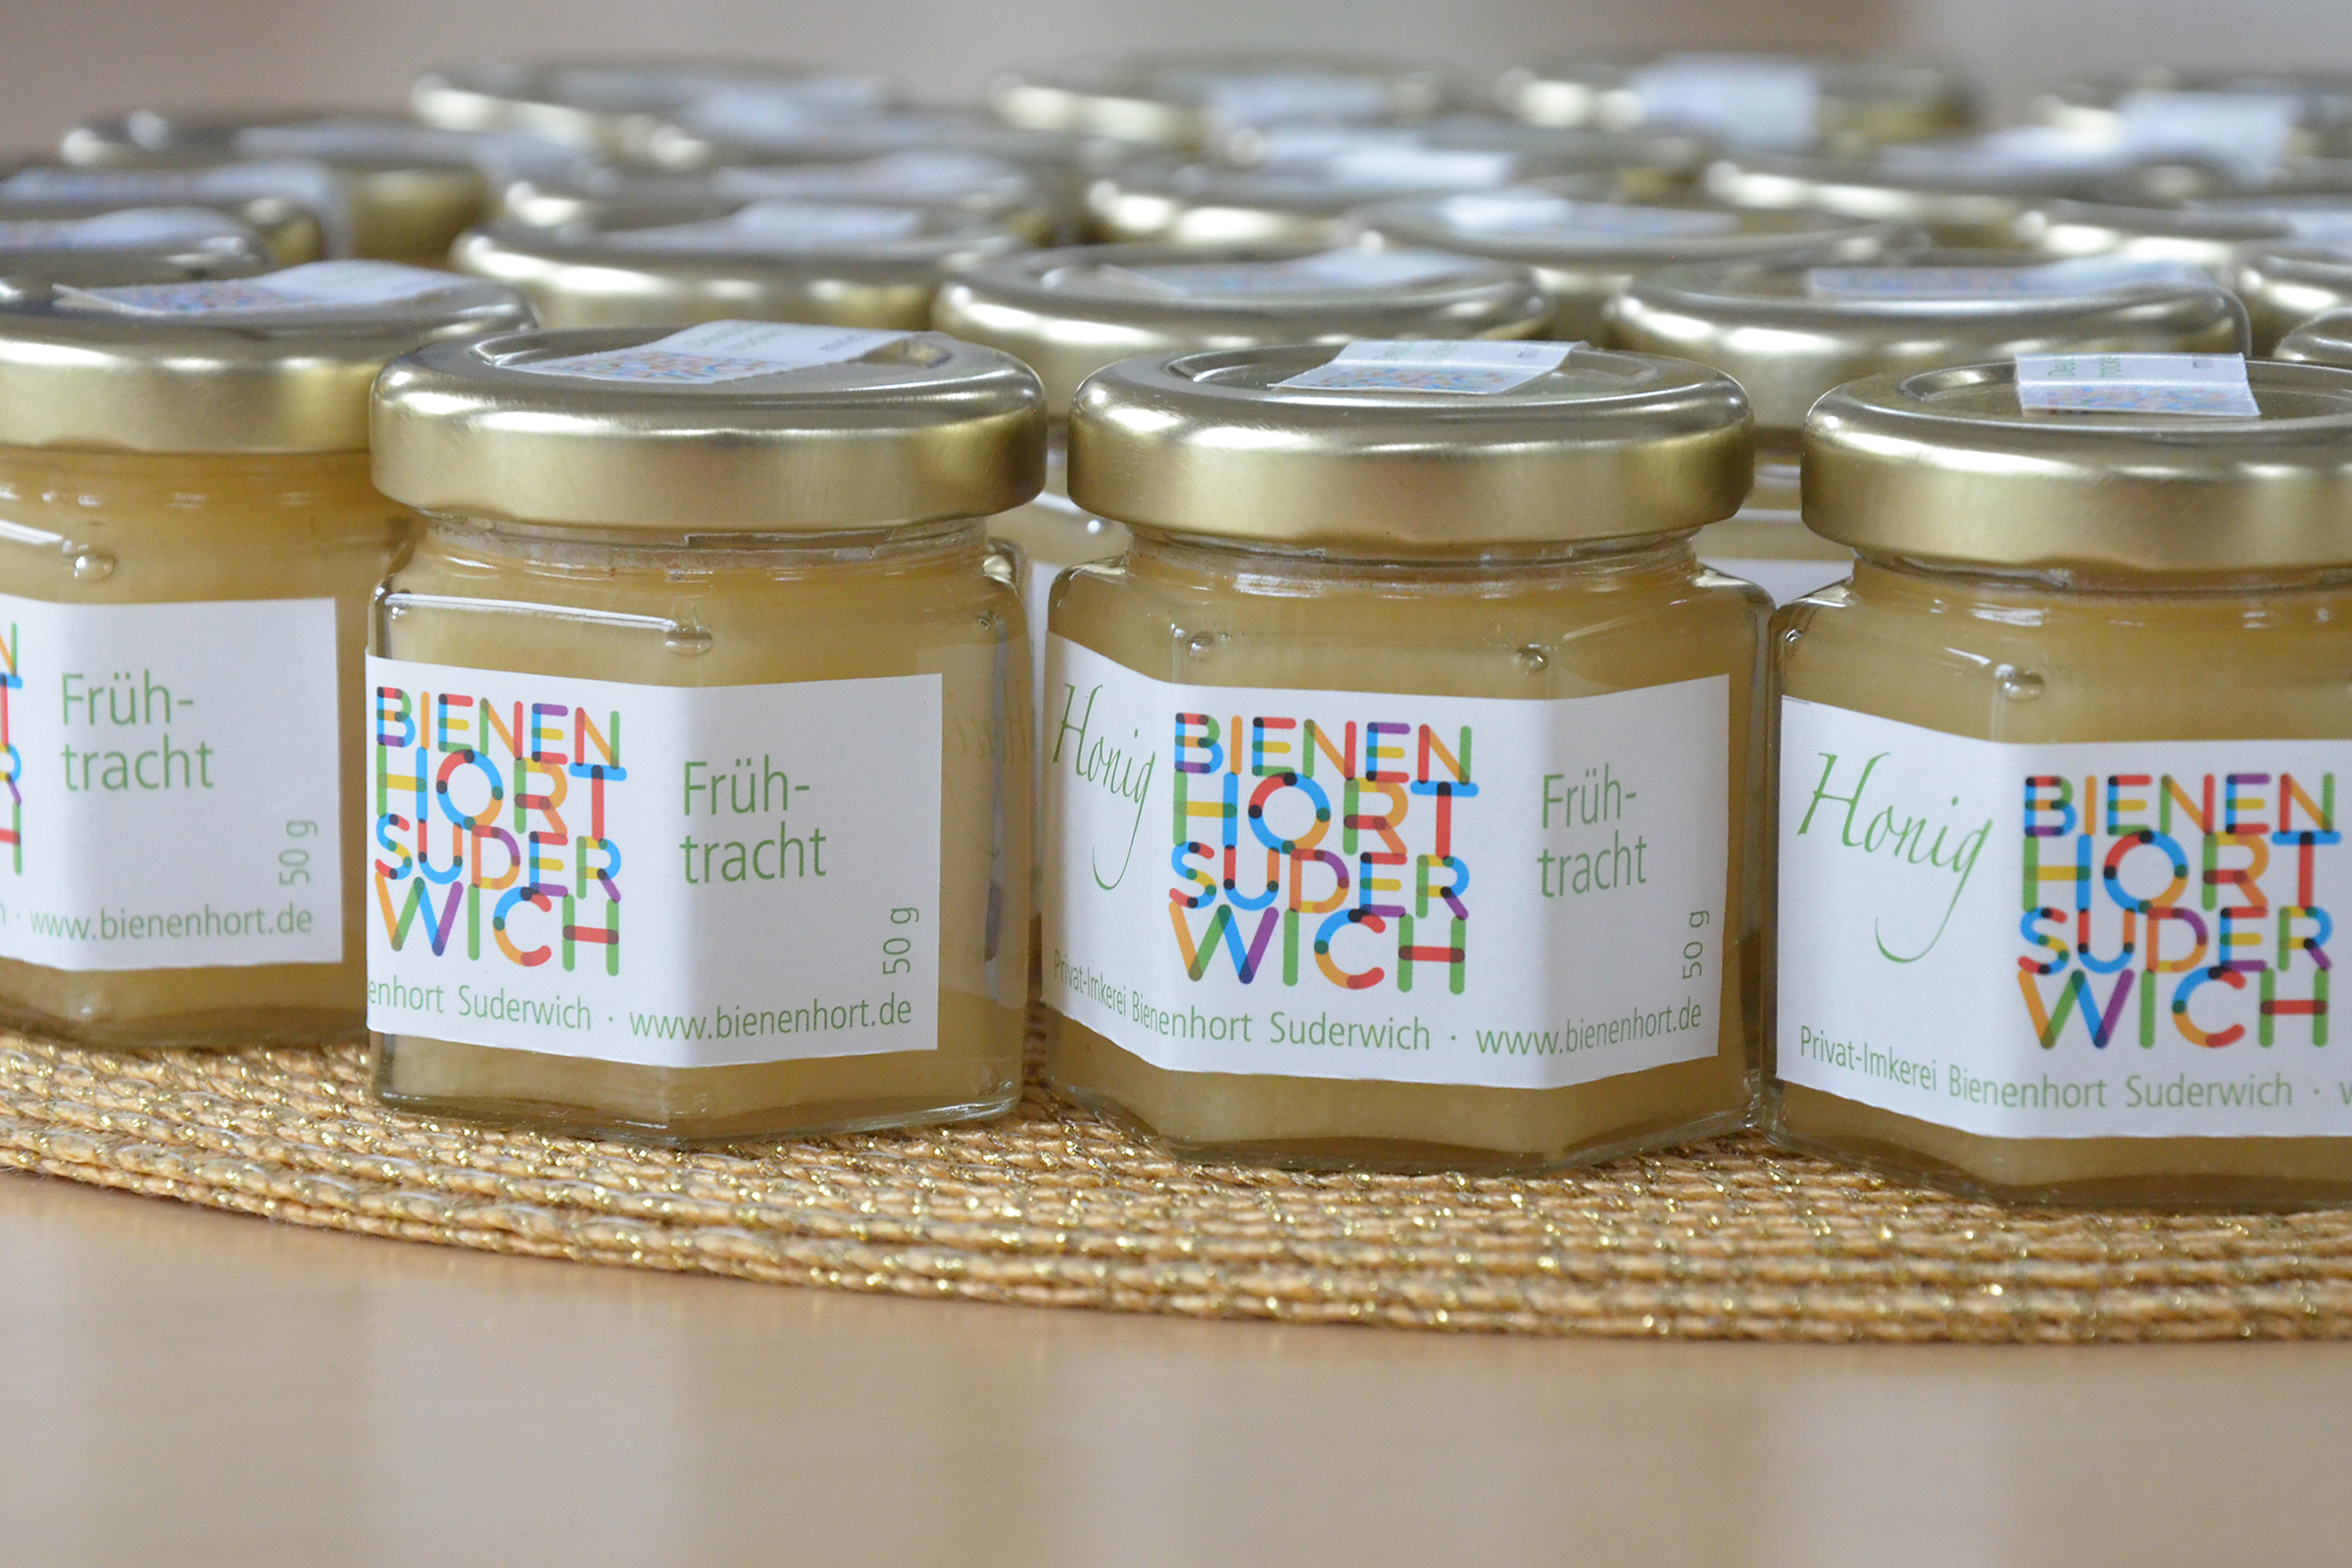 Honigpräsent aus der Imkerei Bienenhort Suderwich Recklinghausen